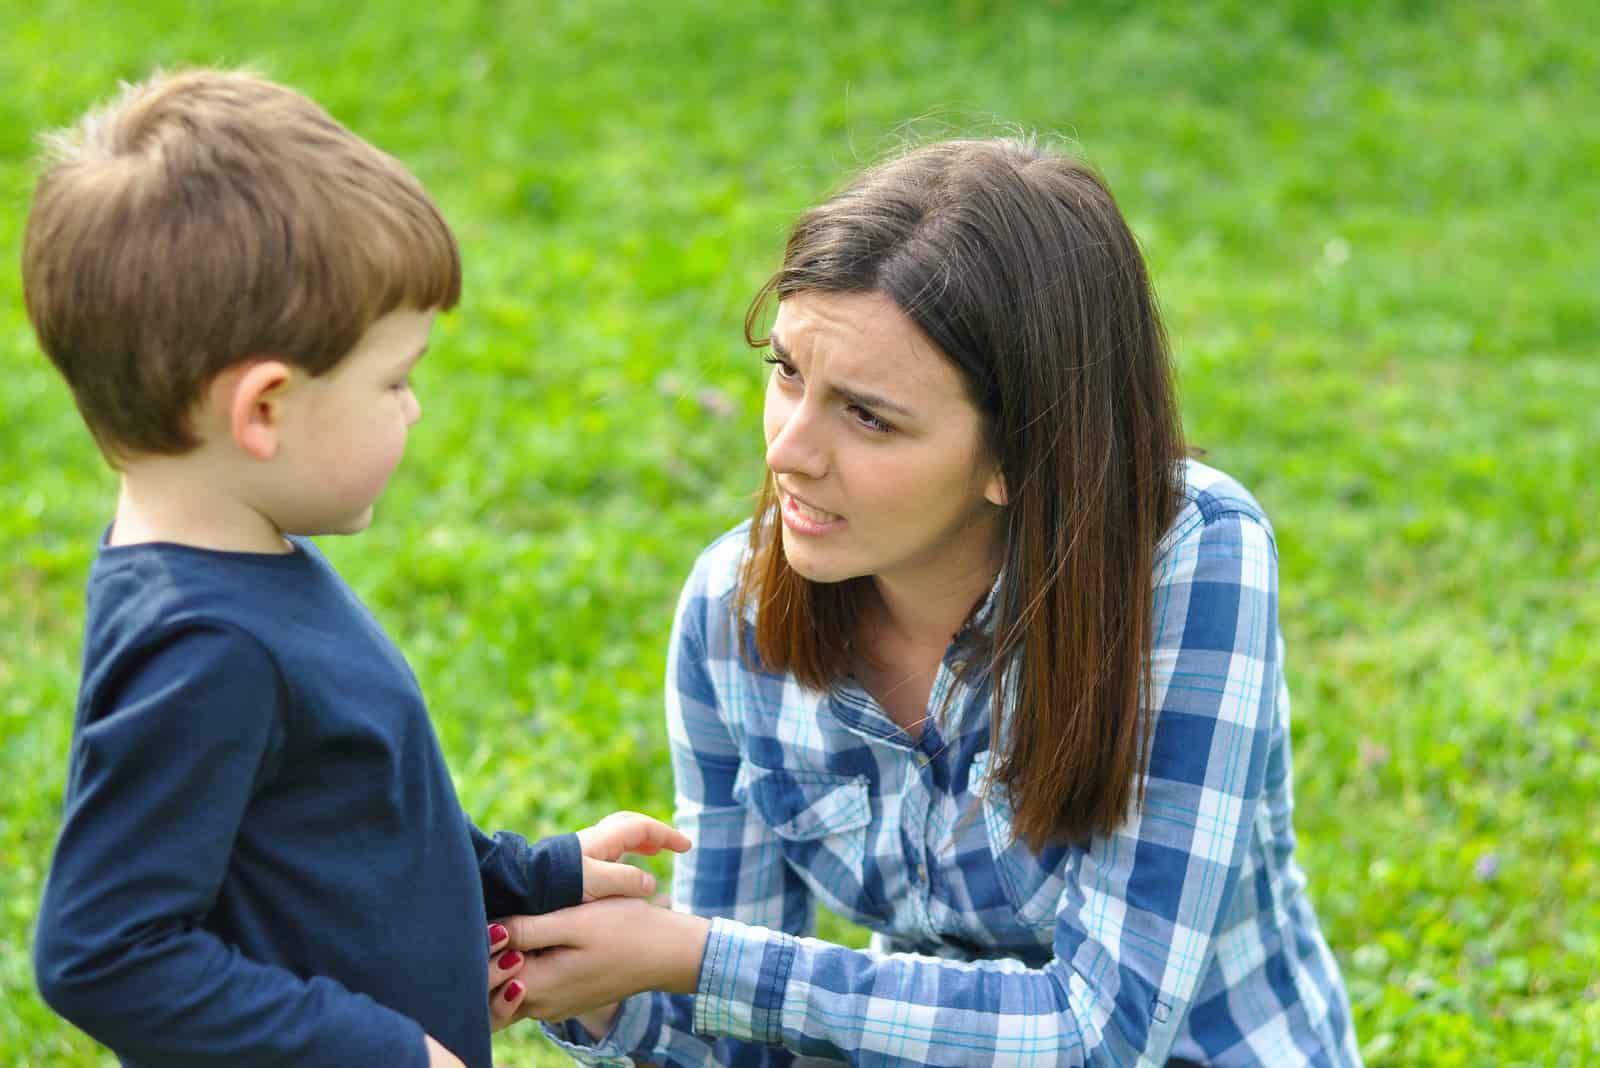 mamma och son leker i parken på våren